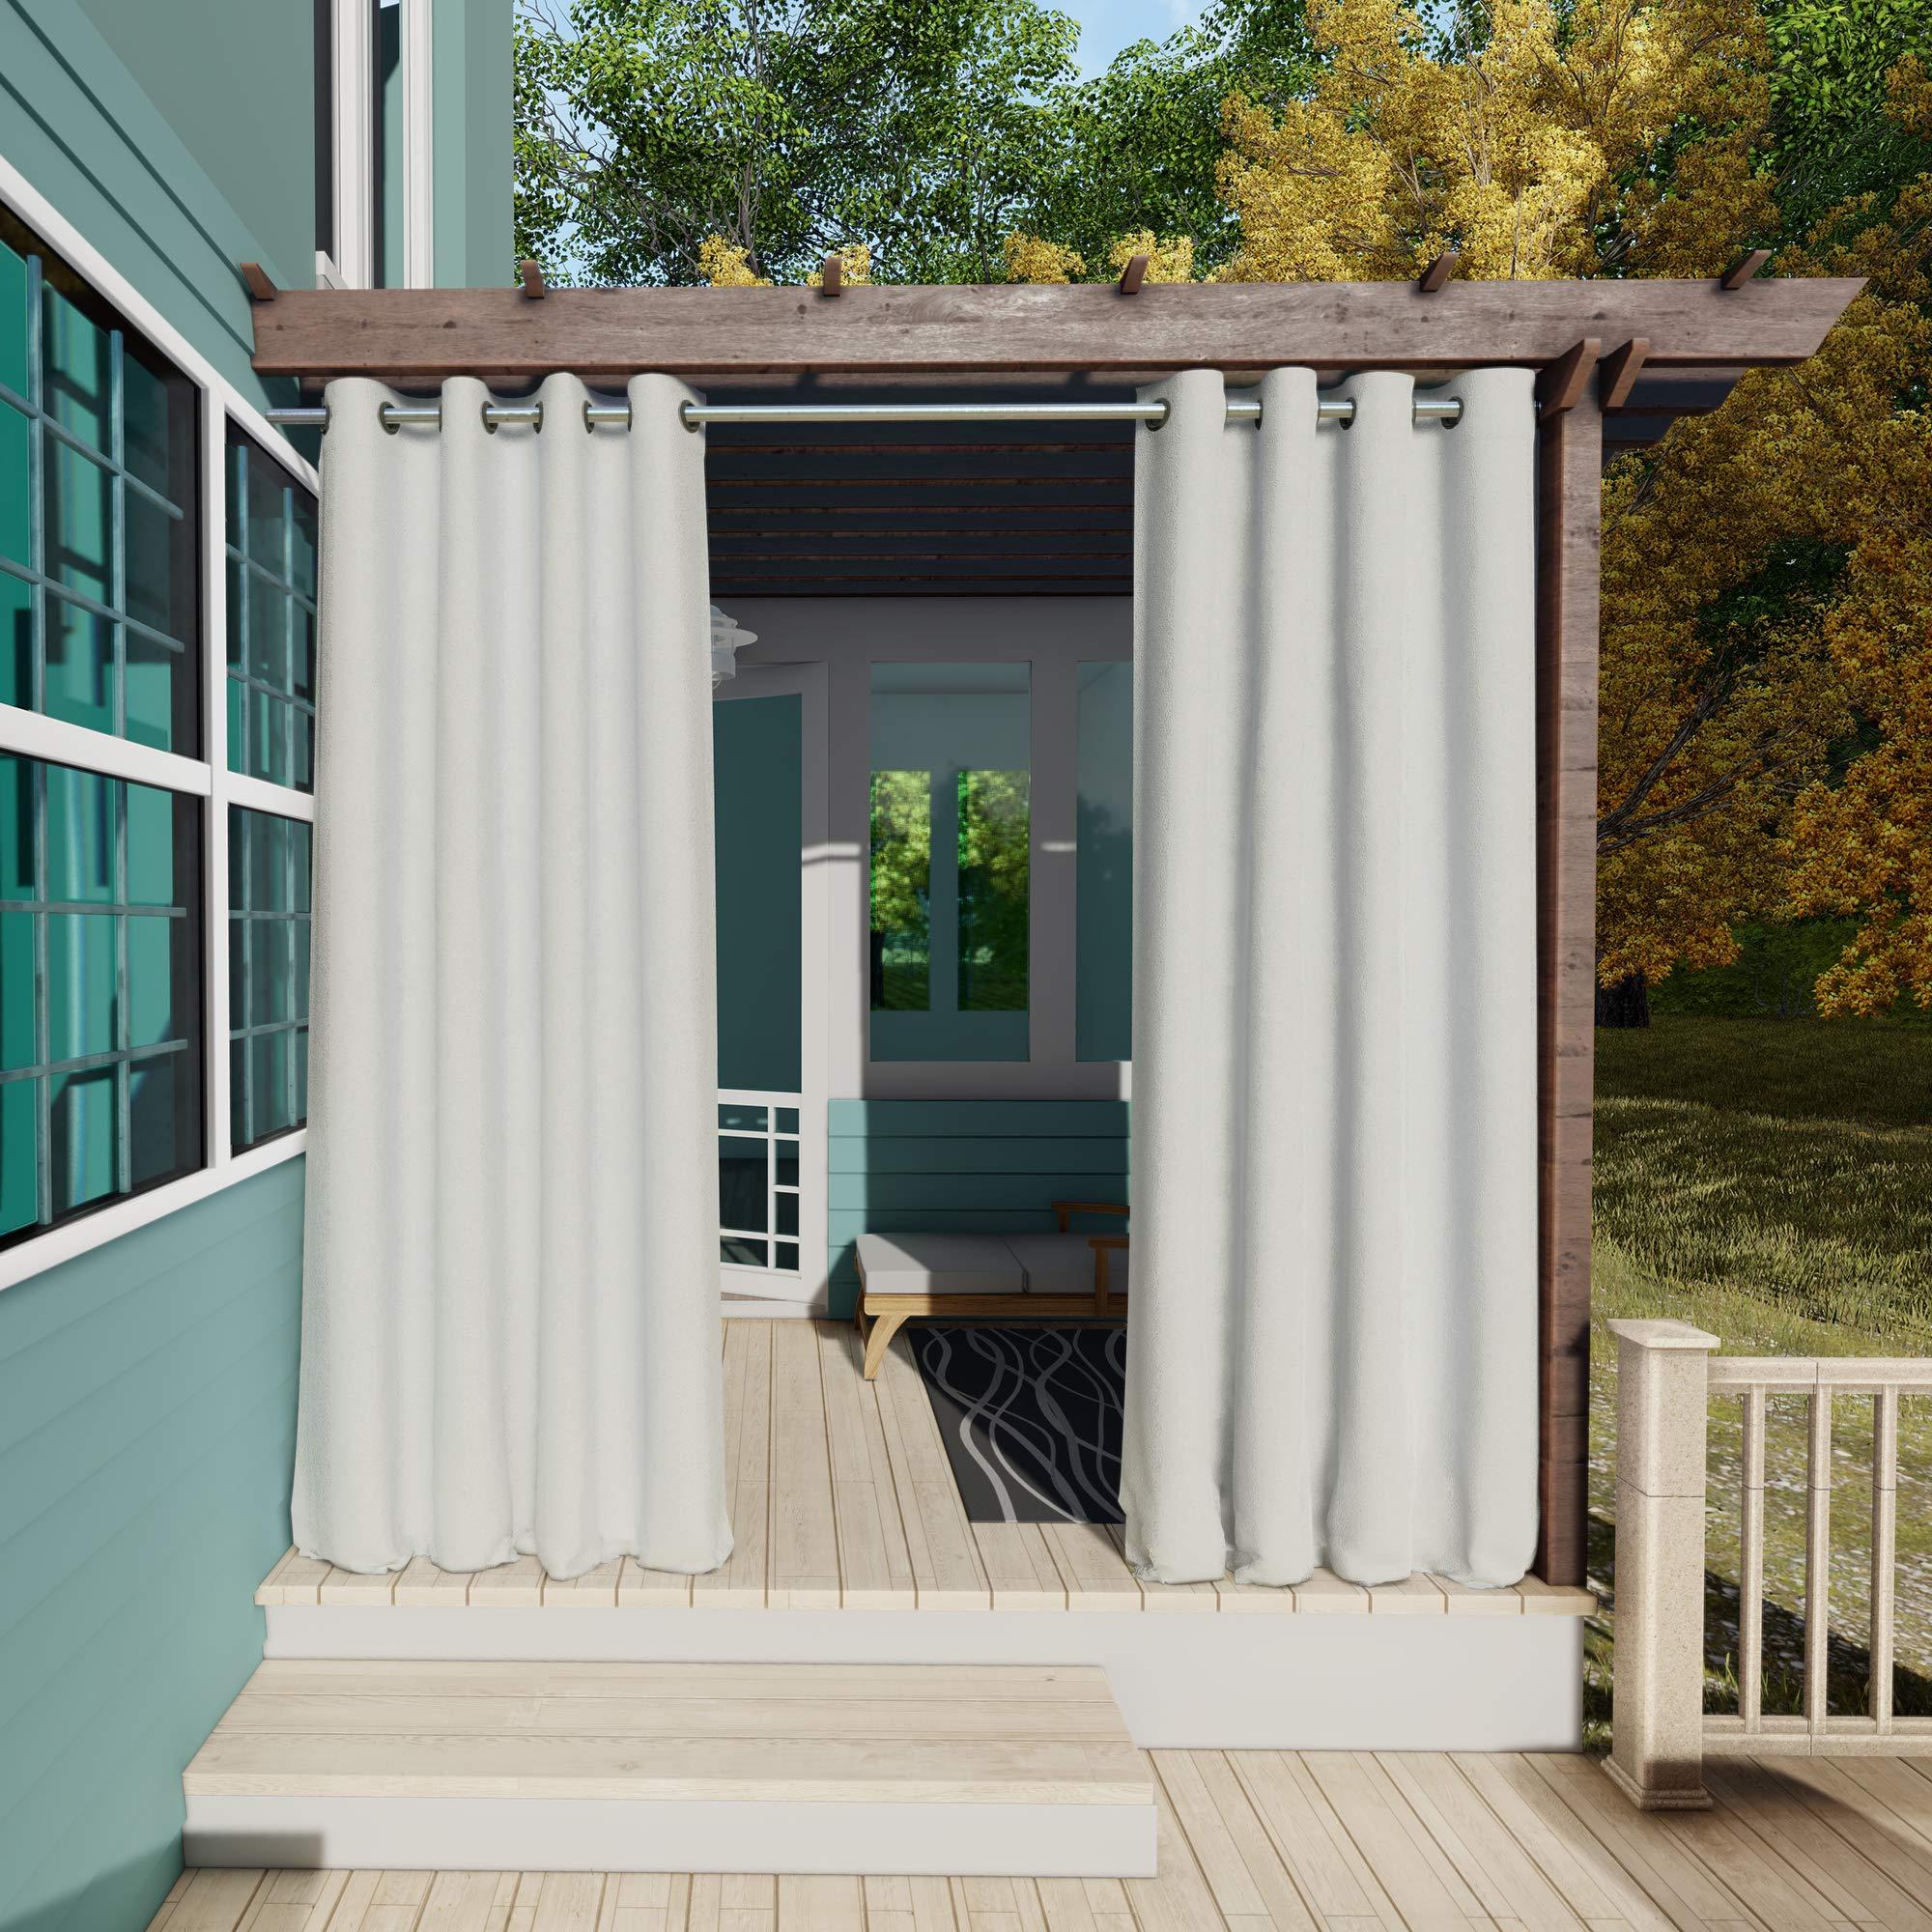 132x275cm Blanco Gris Cortinas para Exteriores con Ojales, Resistentes al Viento, Resistentes al Agua, Resistentes a la harina, para jardín, balcón, casa de Playa, vestíbulo, Cabana: Amazon.es: Jardín